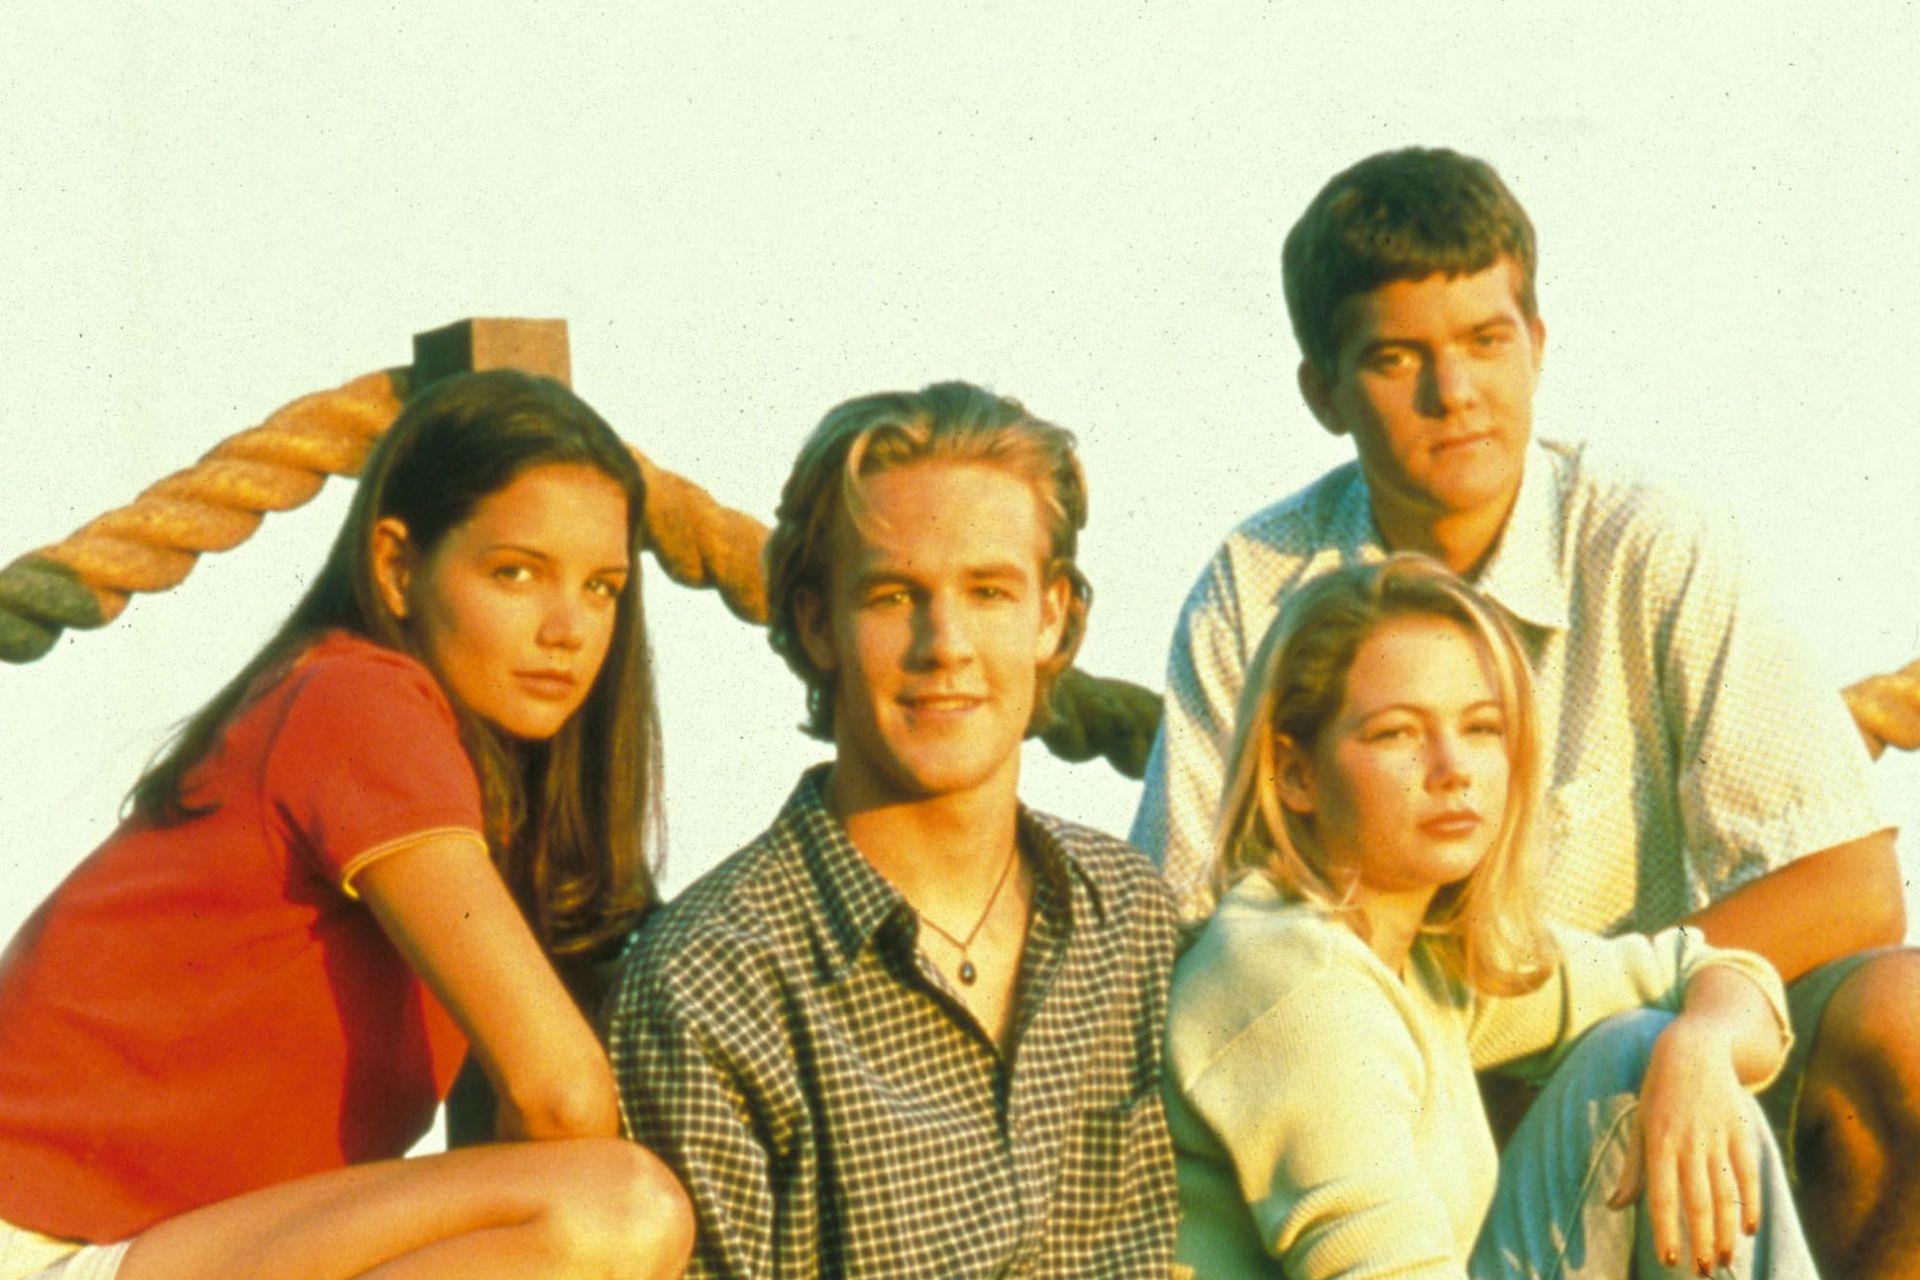 La serie marcó un antes y un después respecto a cómo se mostraban los adolescentes en TV